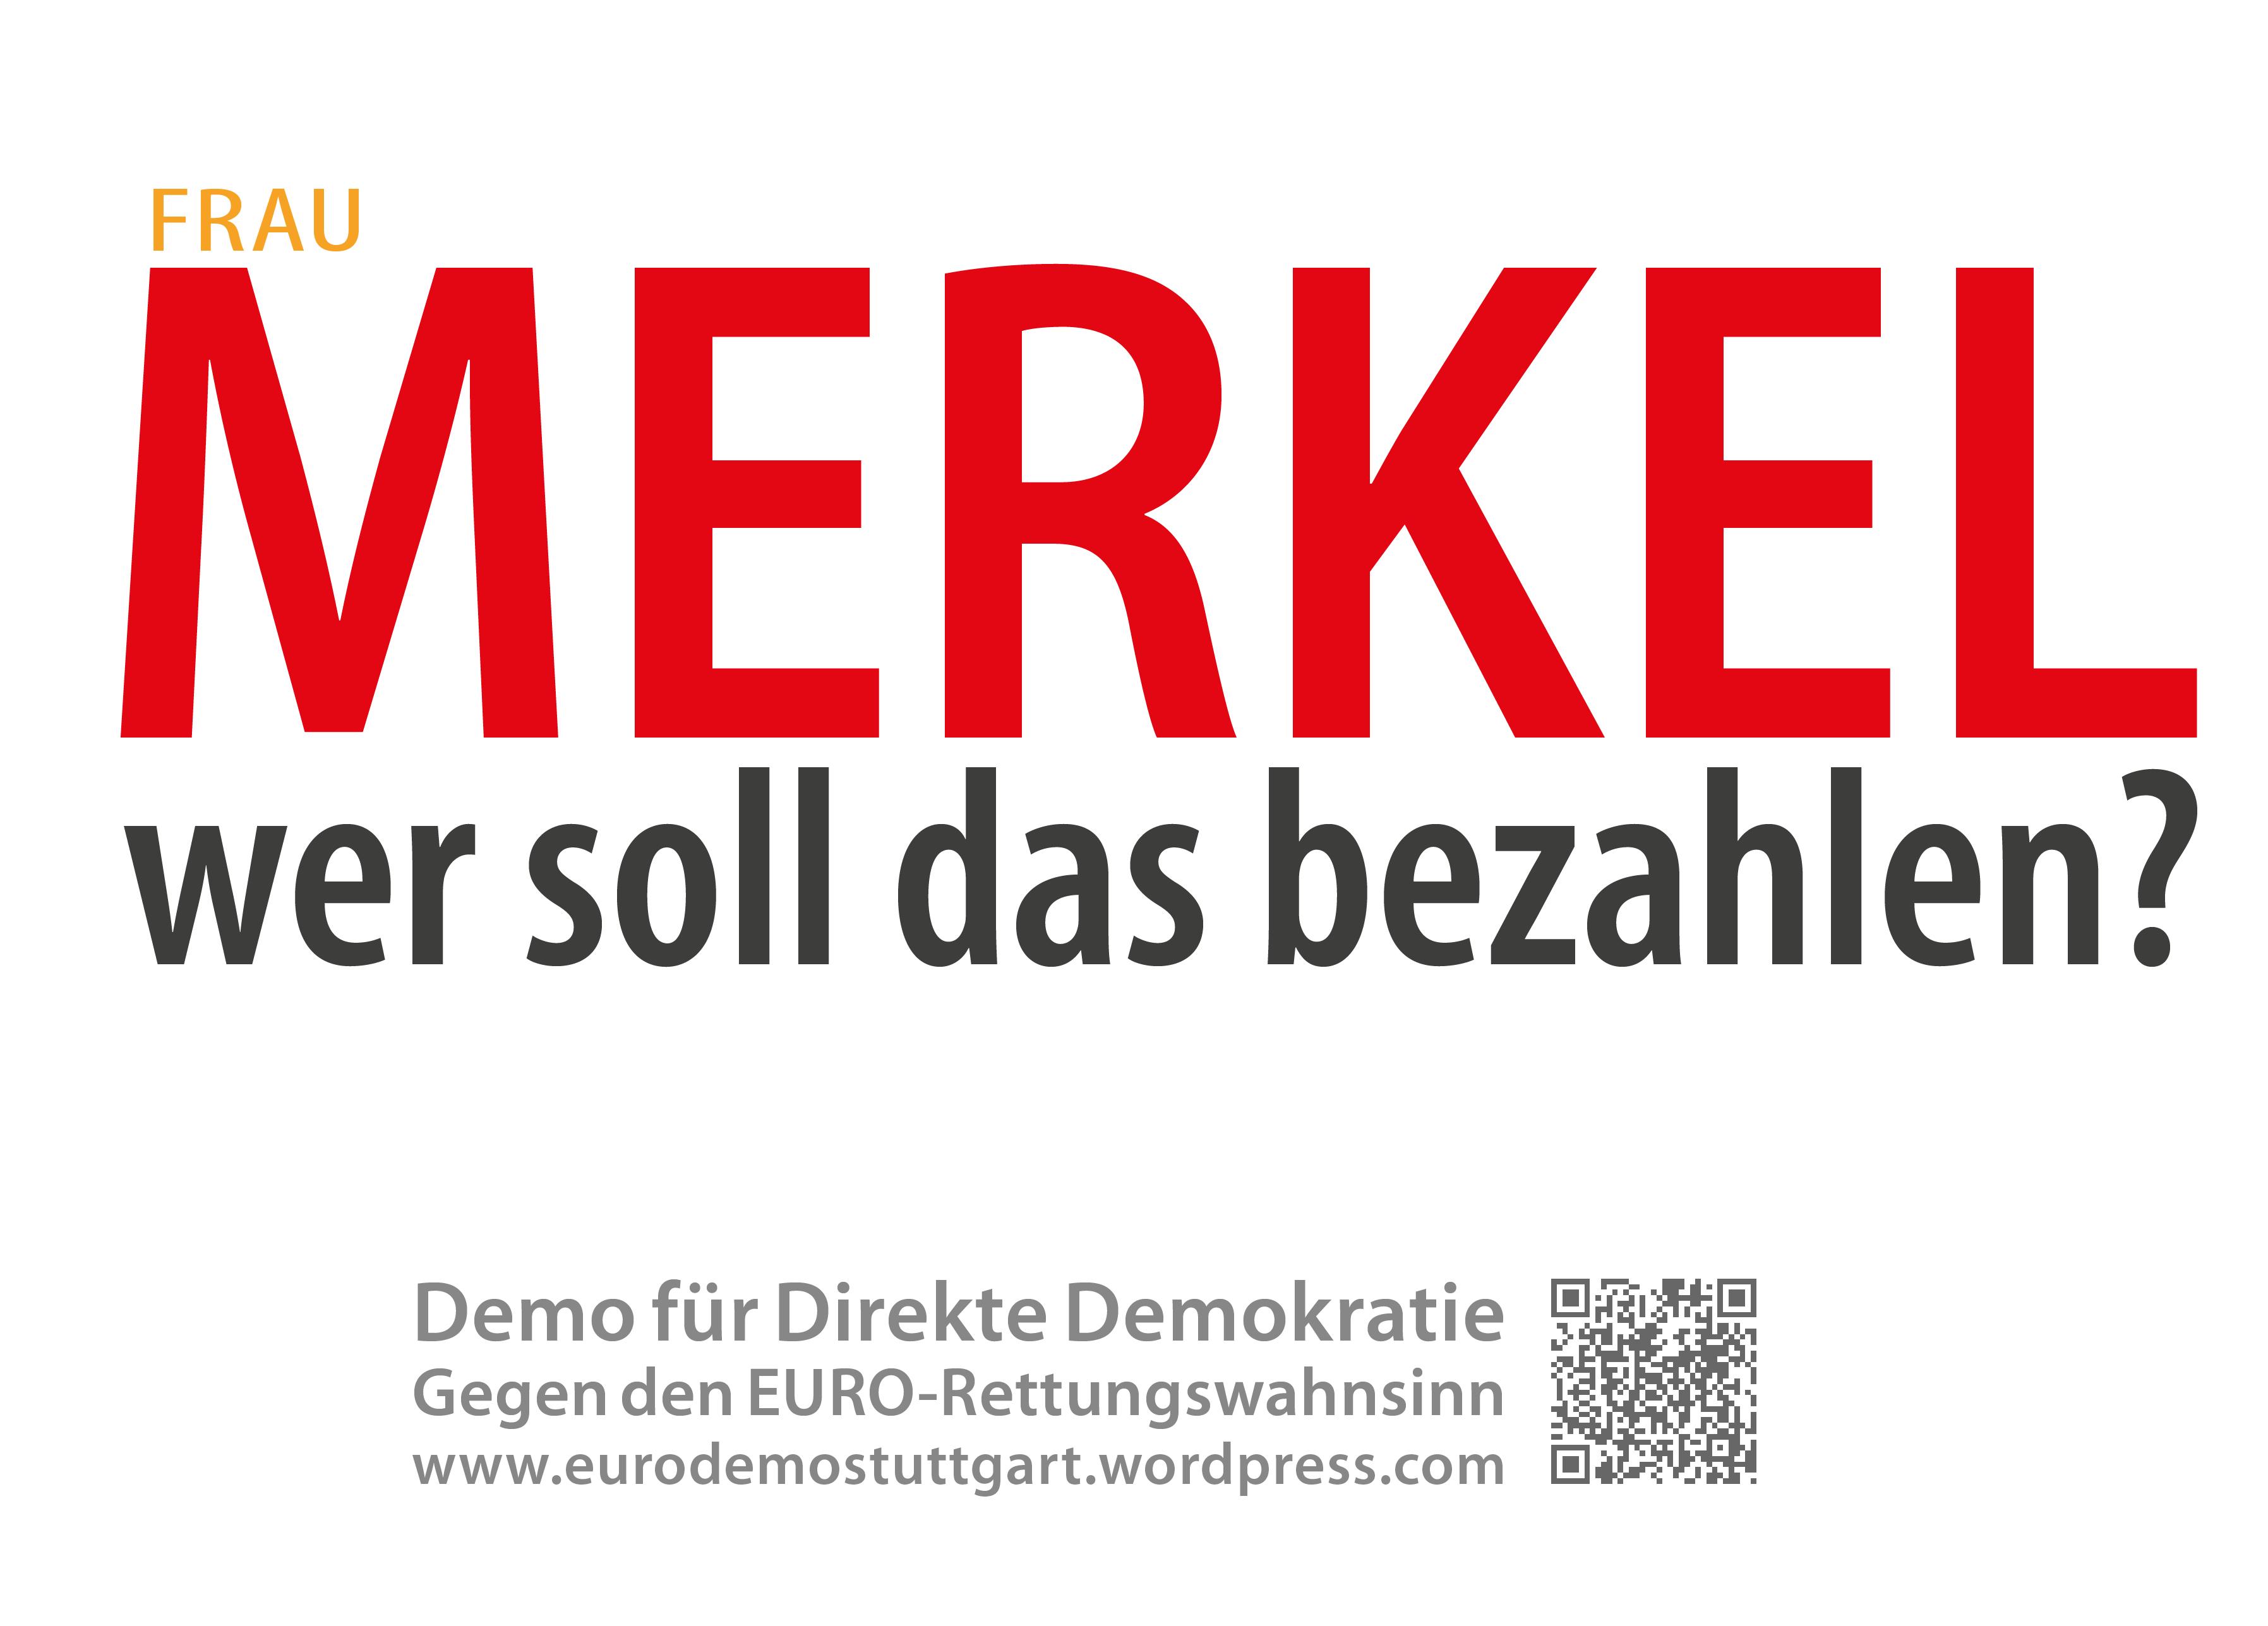 Stuttgart steht auf! Wann: 17.09.2011 - Frau Merkel wer soll das bezahlen ?